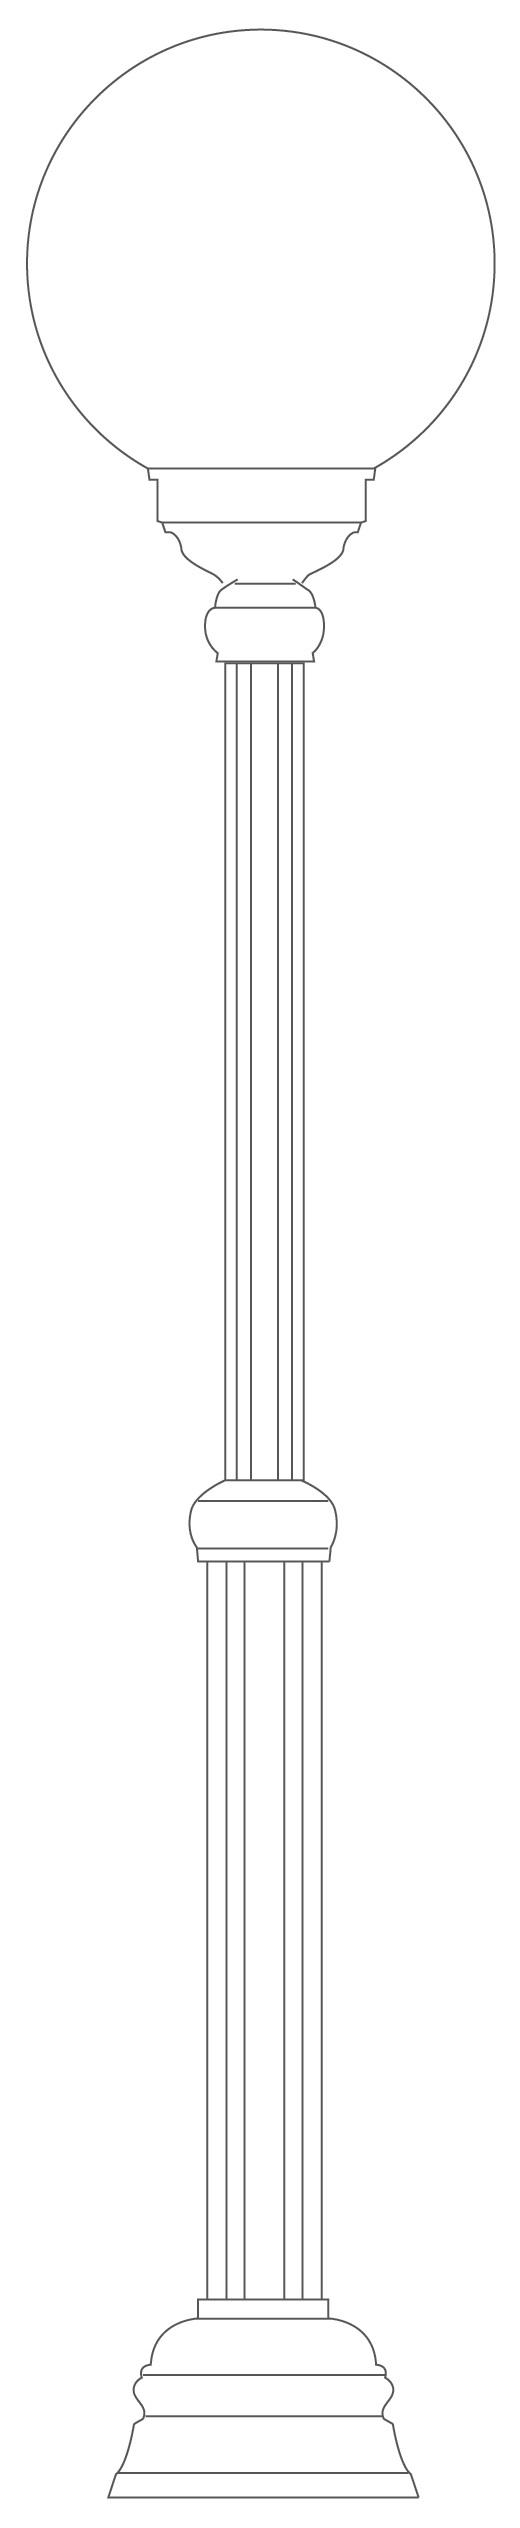 Standleuchte Typ 1133